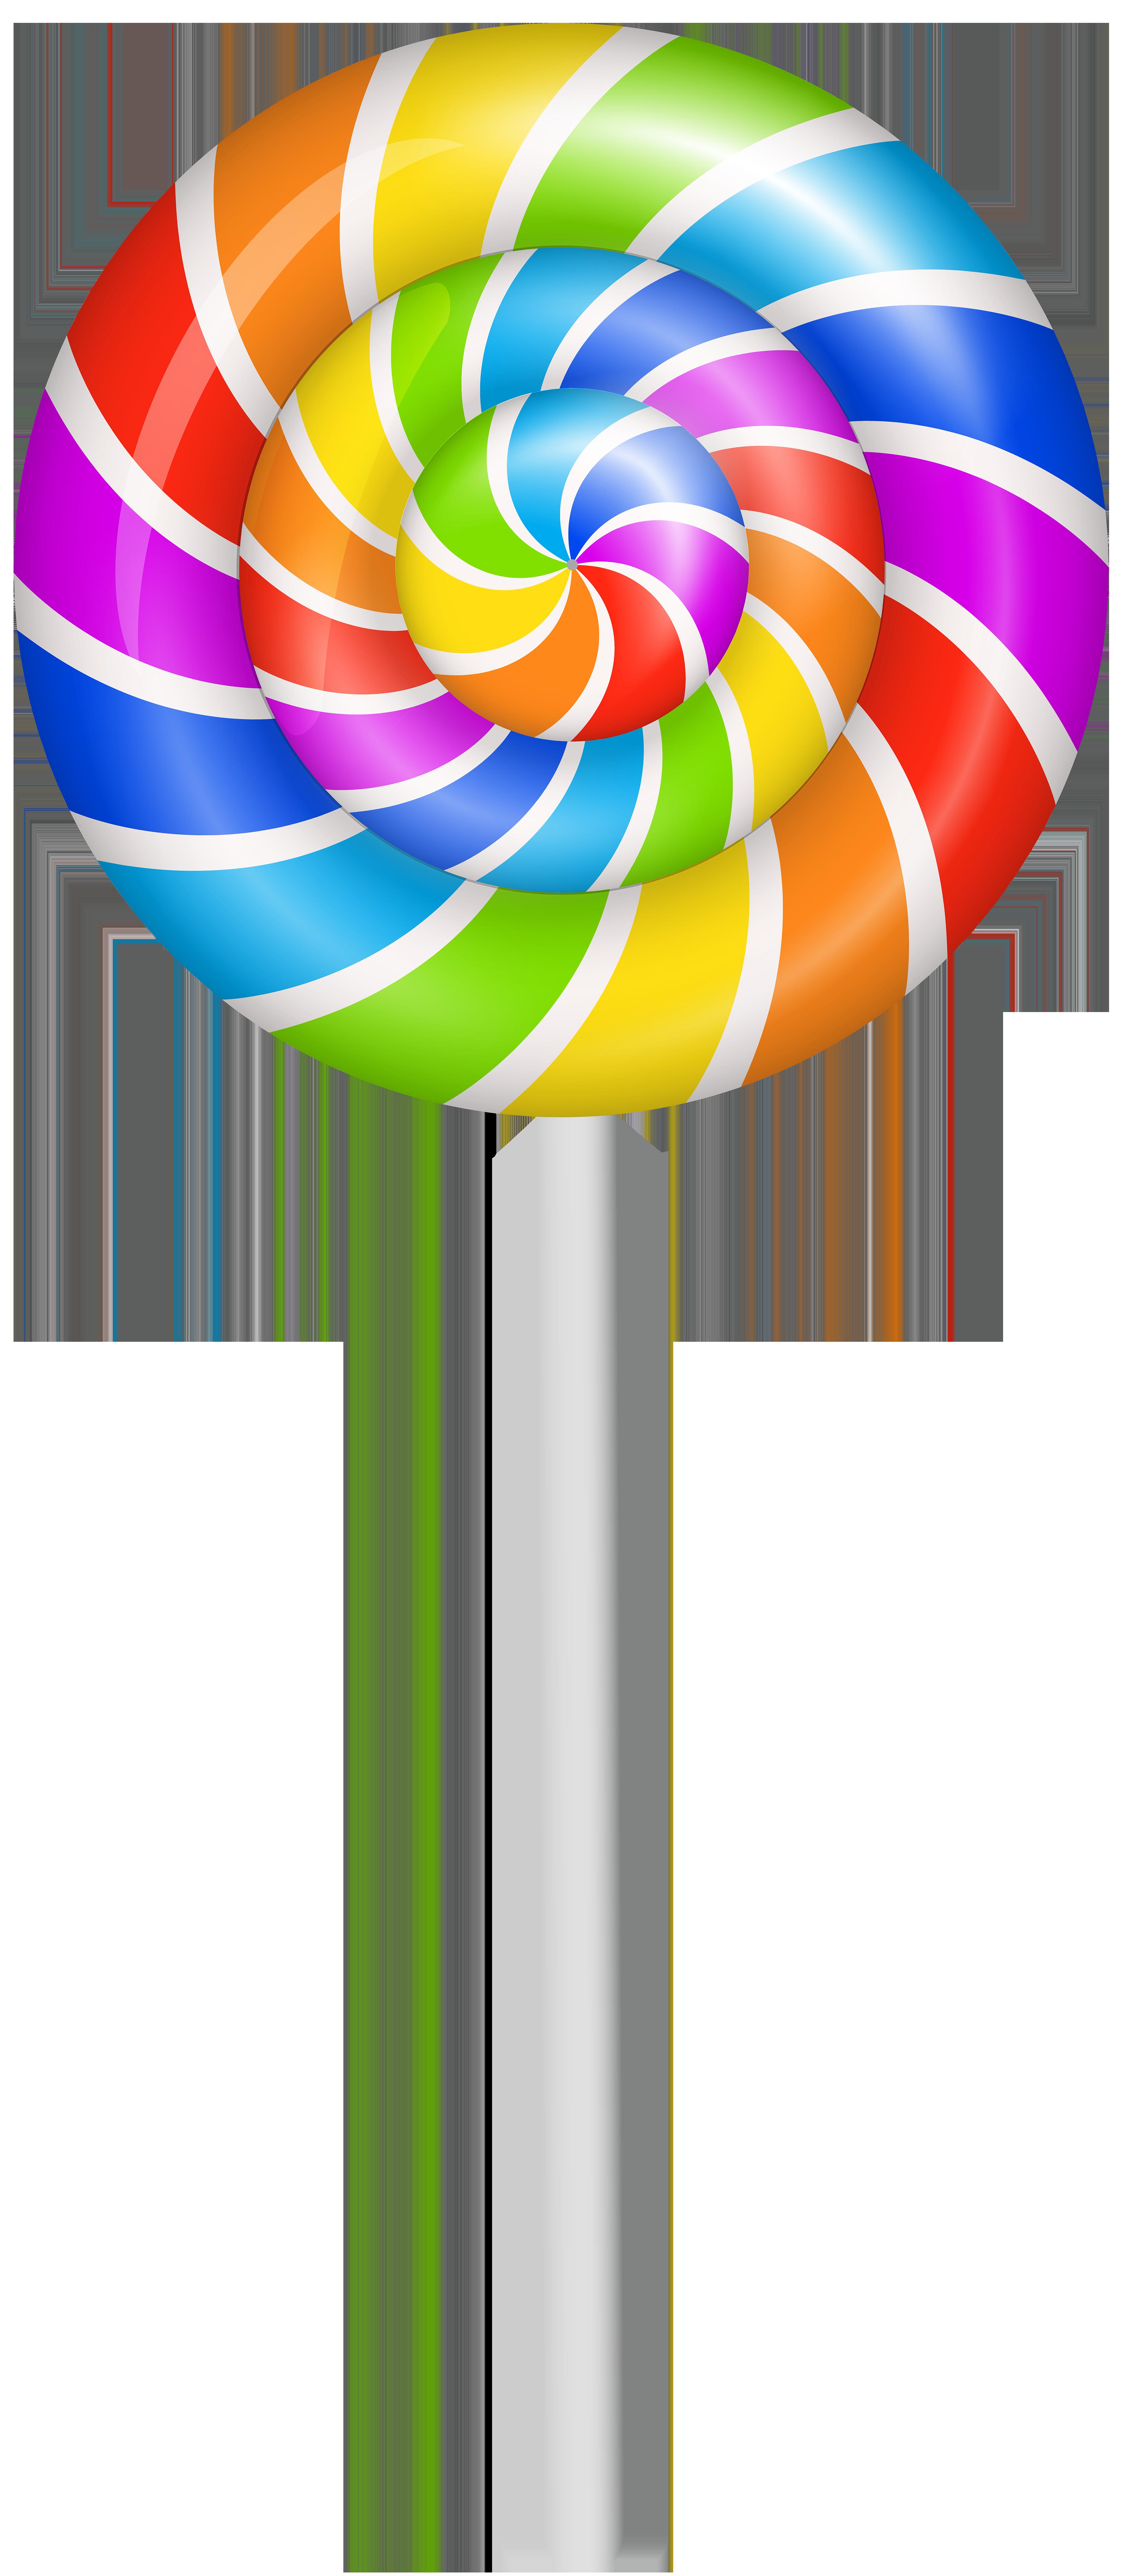 Colorful Lollipop PNG Clip Art Image.